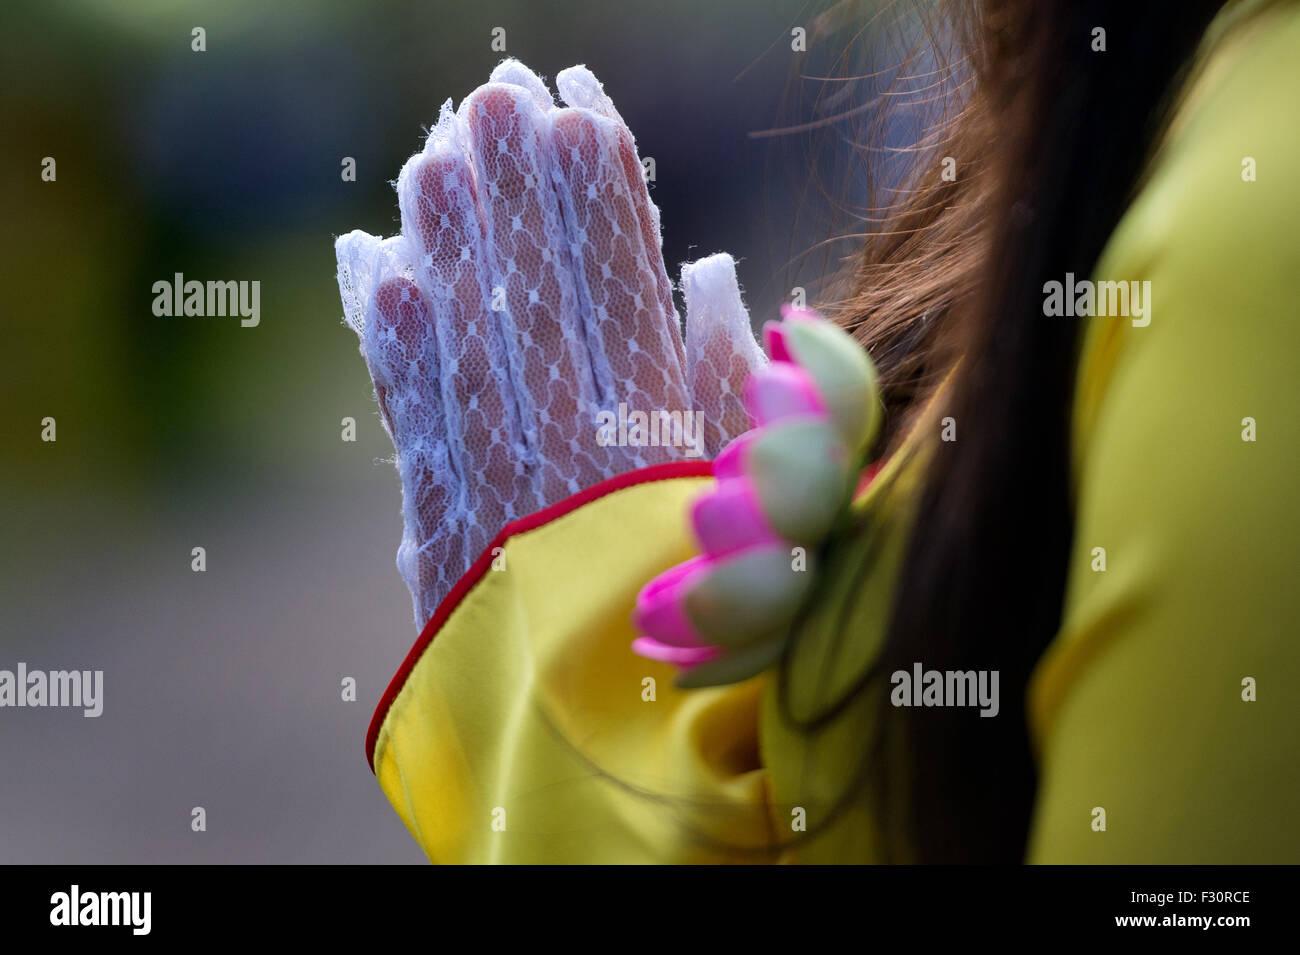 Ein Blumenmädchen steht am 27.09.2015 mit gefalteten Händen während der großen Zeremonie der - Stock Image